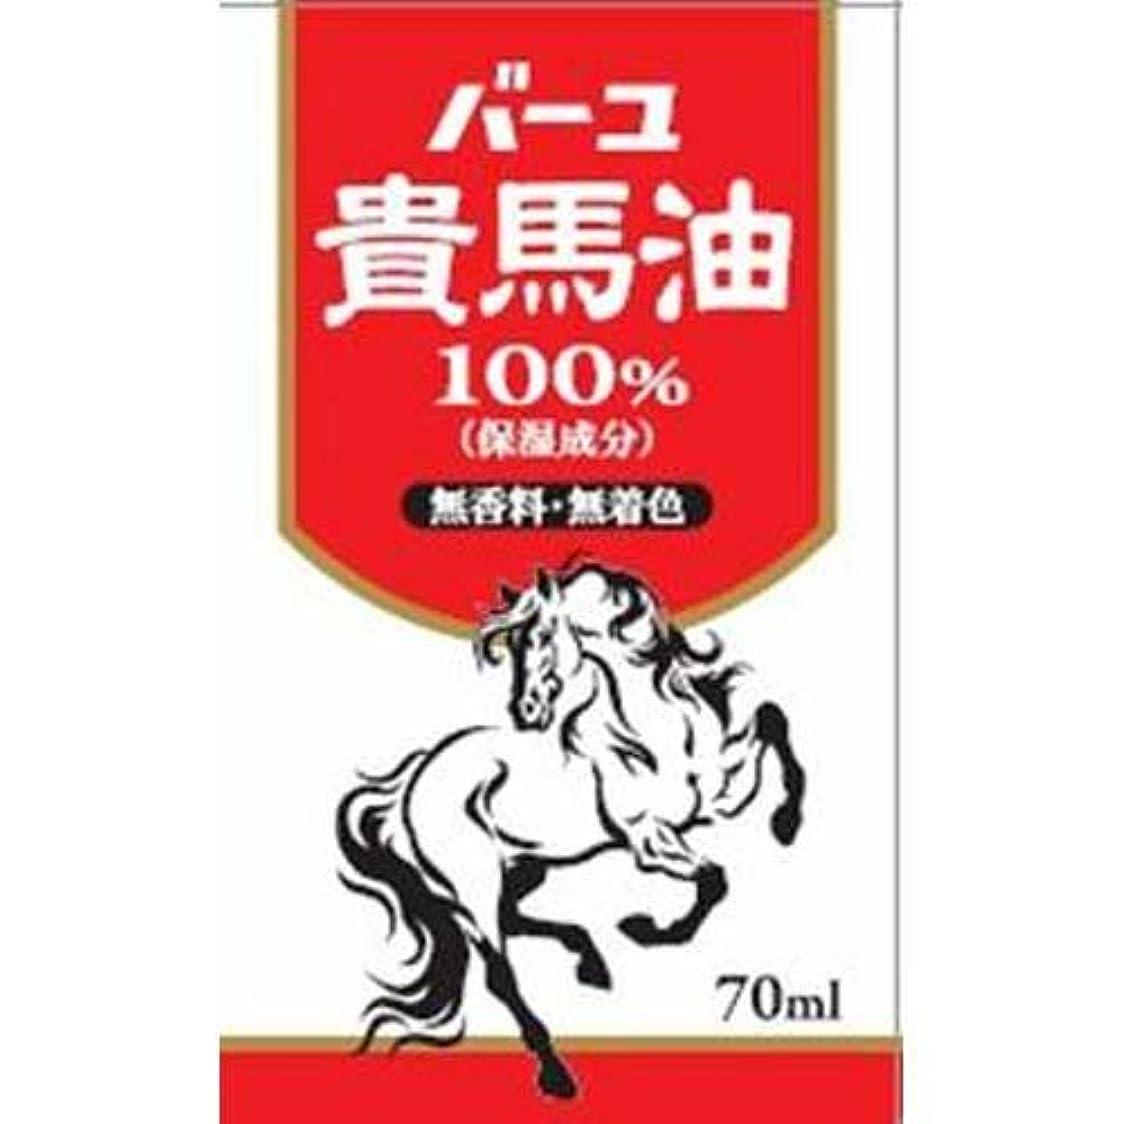 サーキュレーションステレオタイプ兵器庫ヒラマツ商事 貴馬油100 70ML